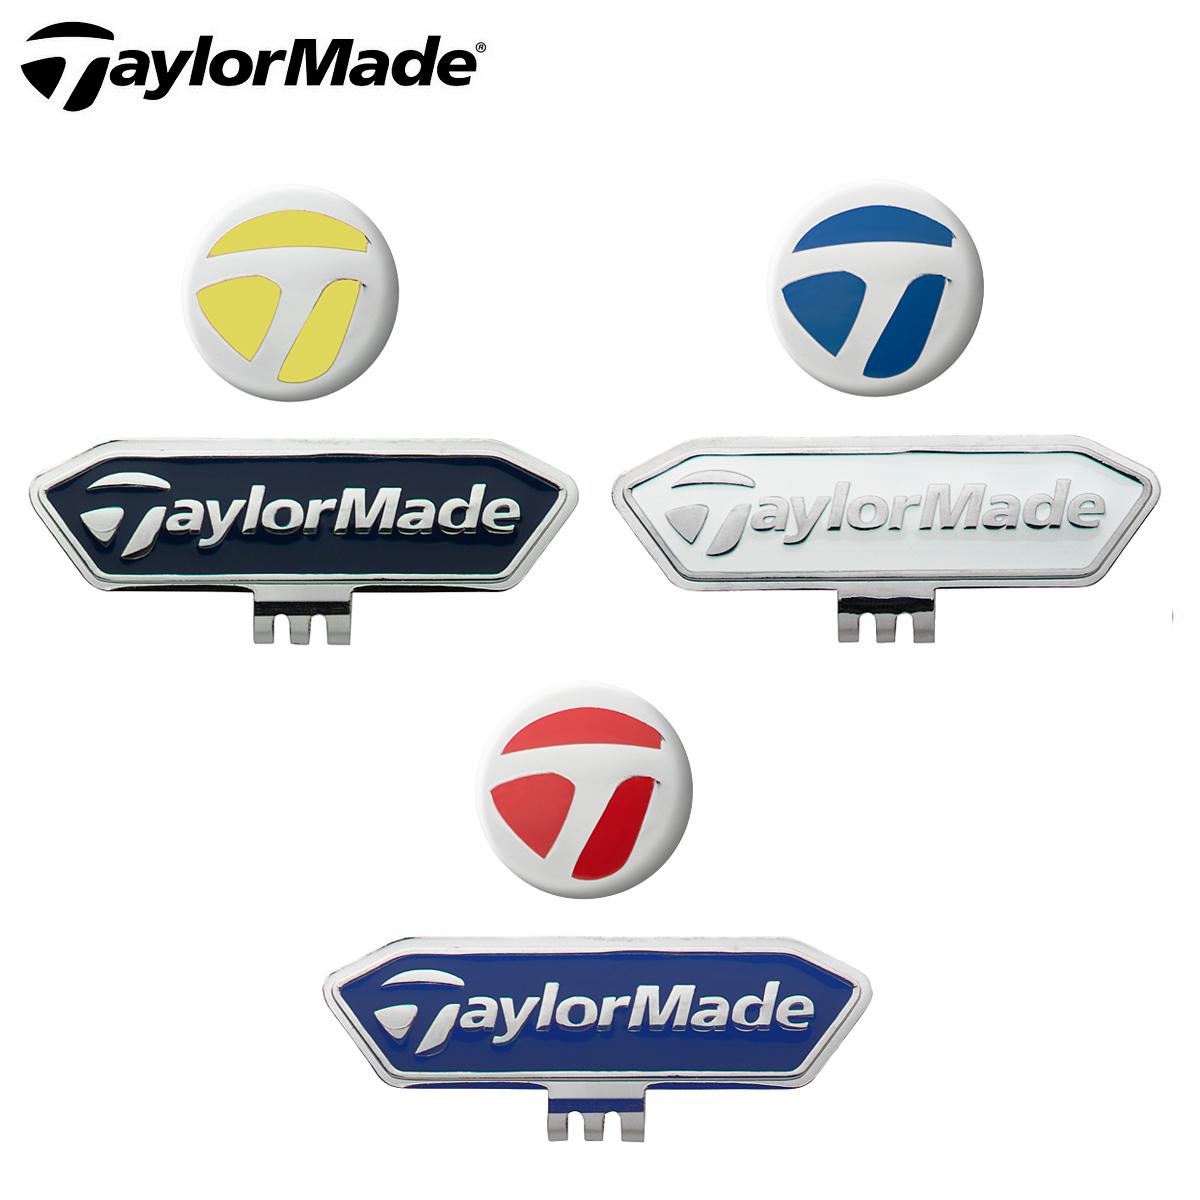 即納 TaylorMade テーラーメイド 日本正規品 キャップボールマーカー あす楽対応 年間定番 TB666 セール特価 2021新製品